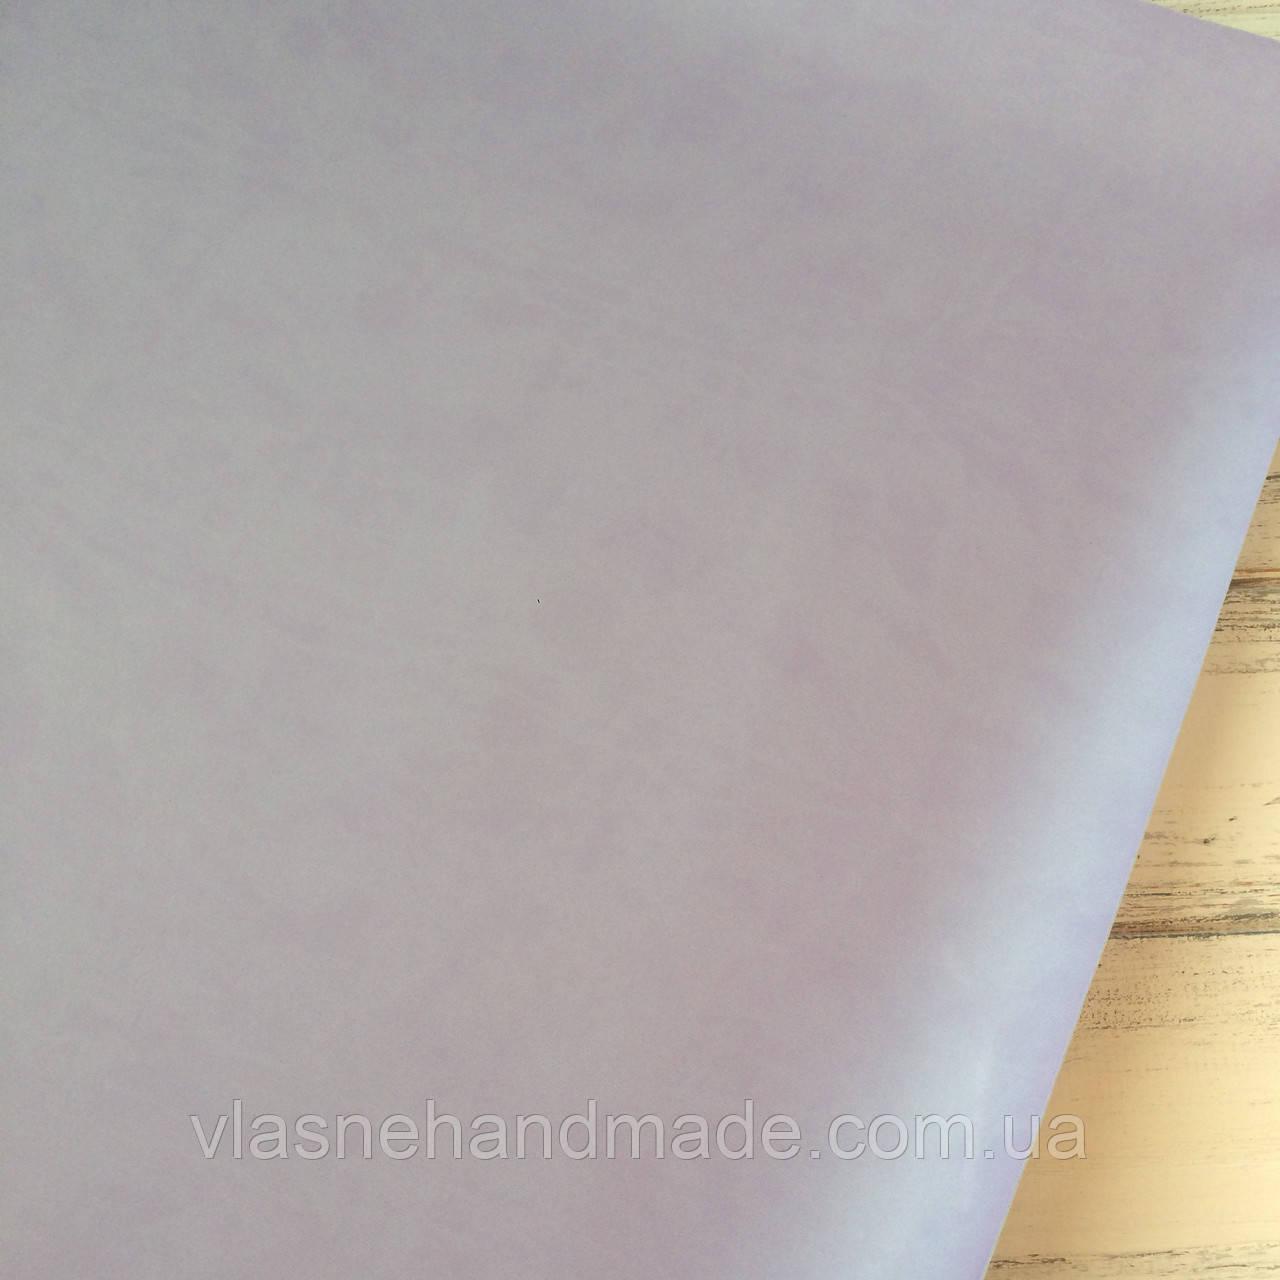 НЕФОРМАТ АБО НЕВЕЛИКИЙ БРАК!! Шкірзамінник палітурний - матовий - світлий фіолетово-бузковий - 20х59 см